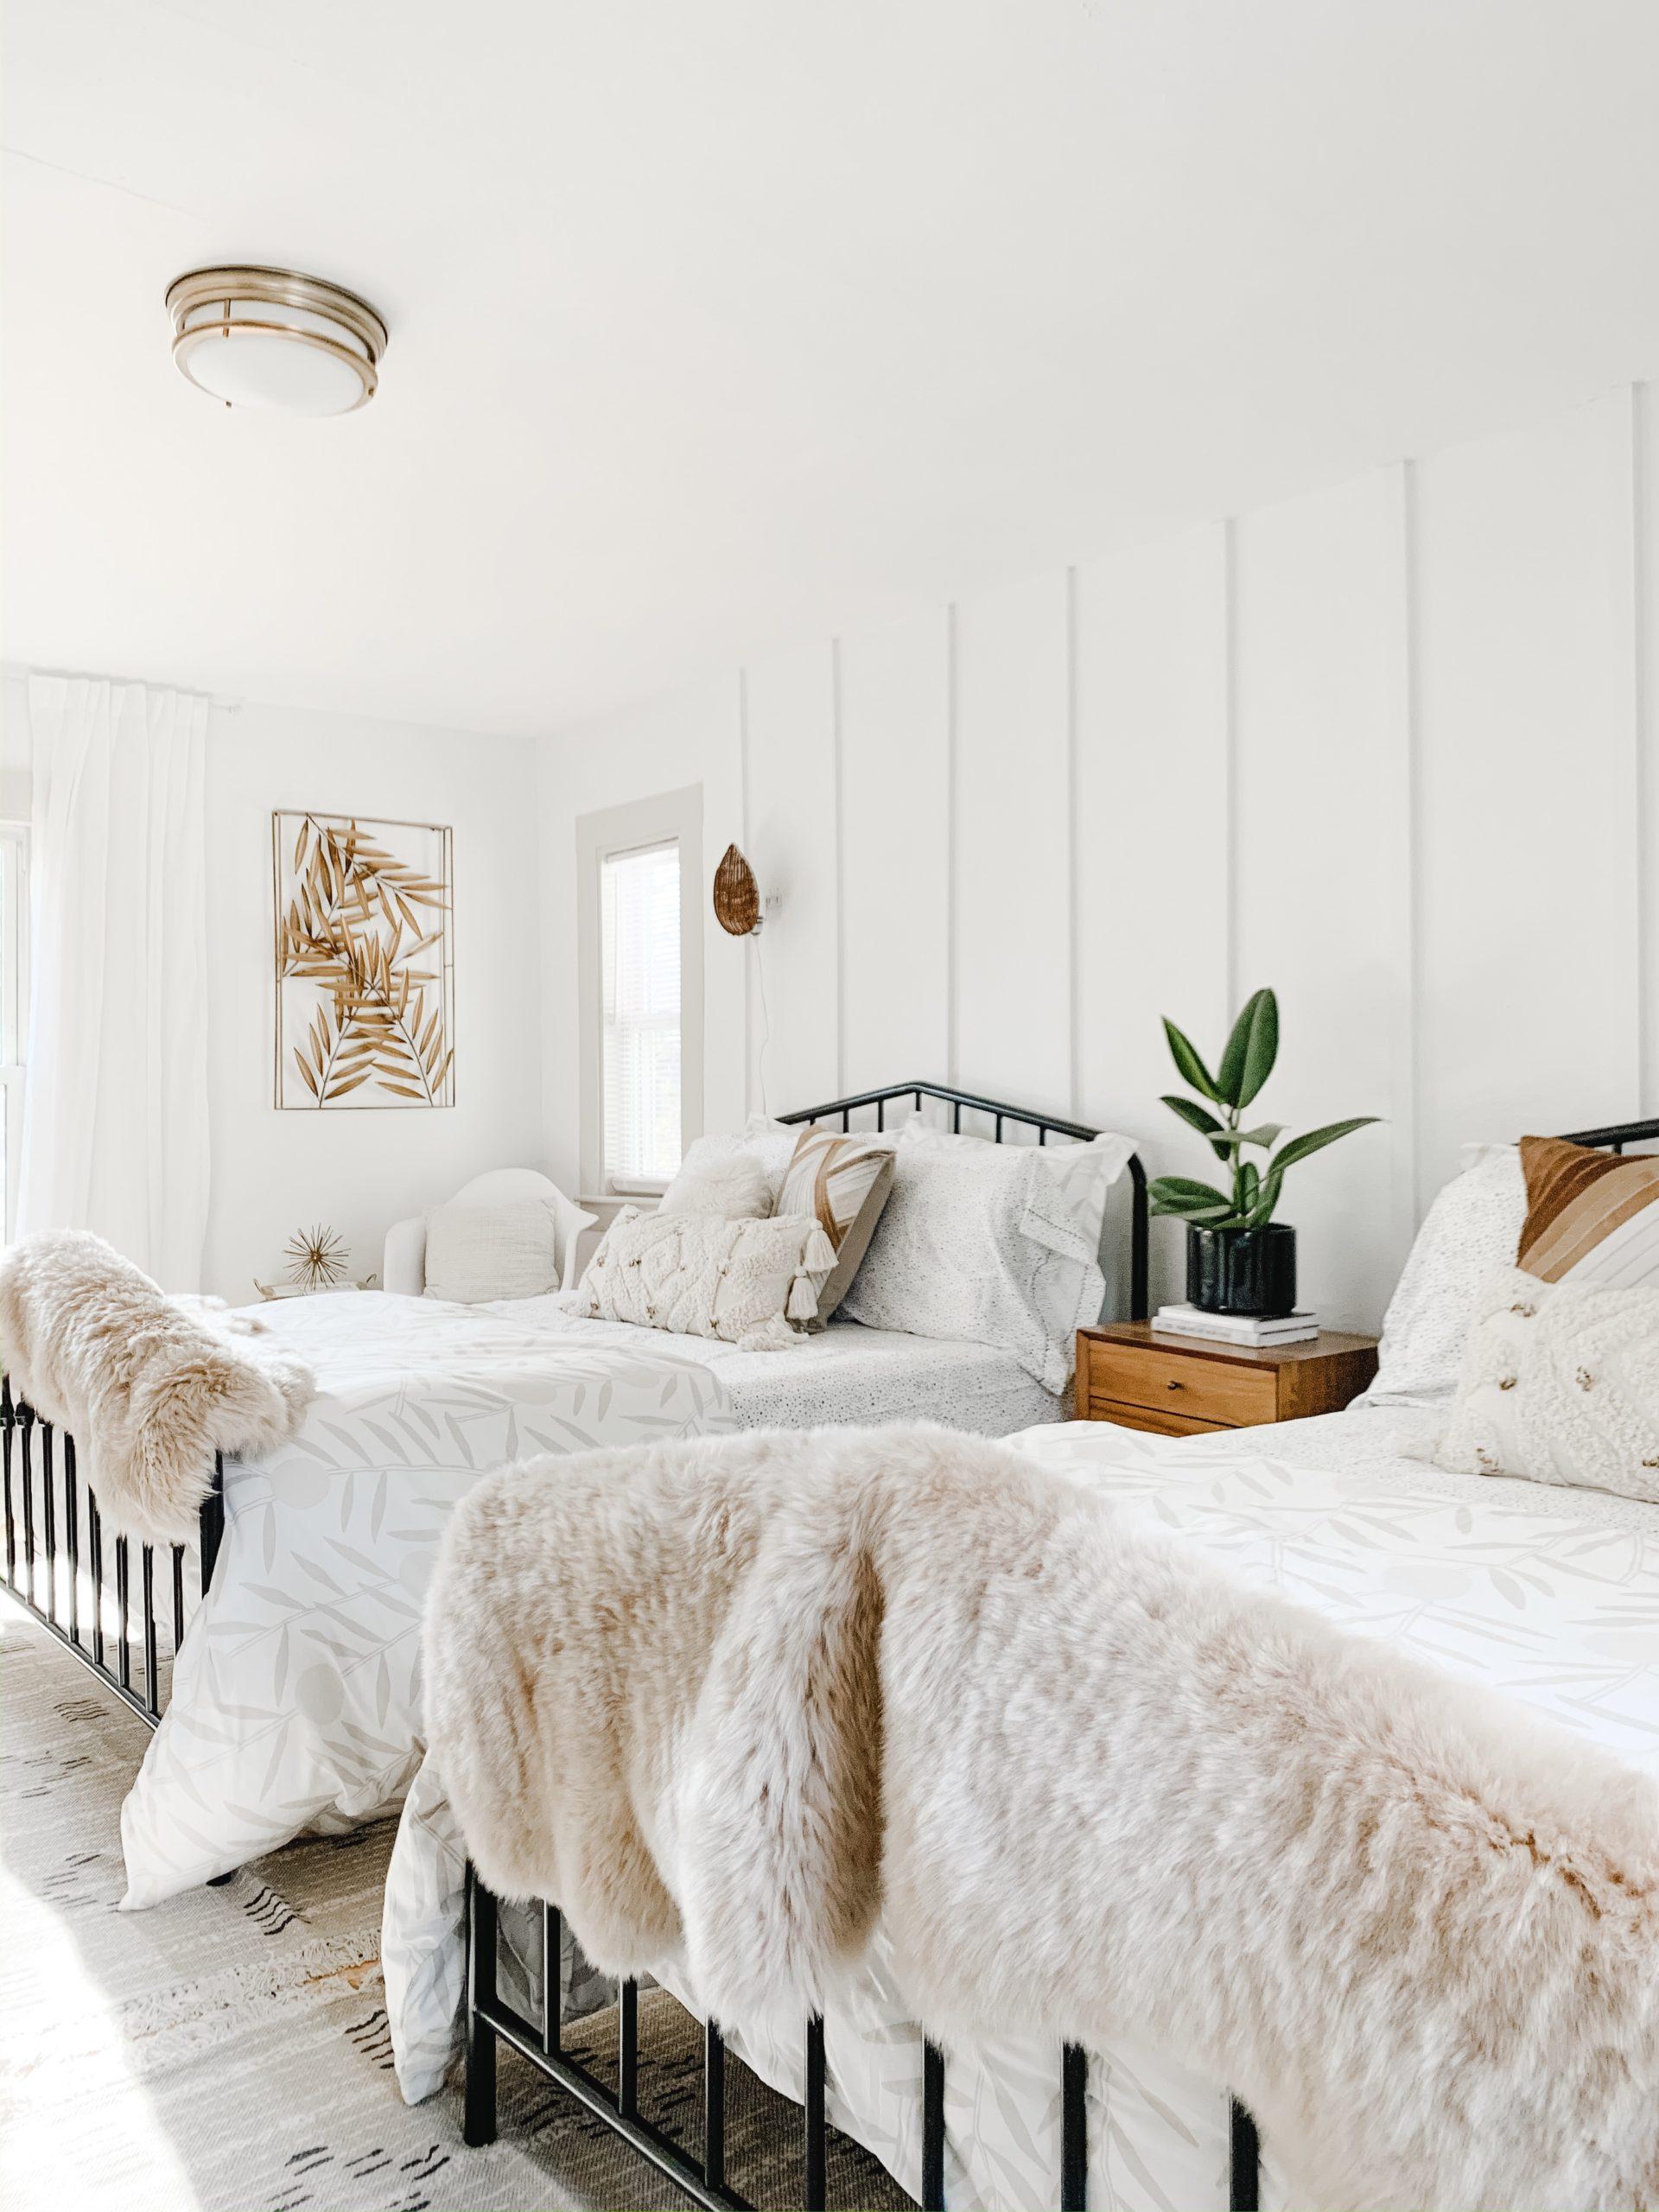 Brass & Pine Bedroom Design